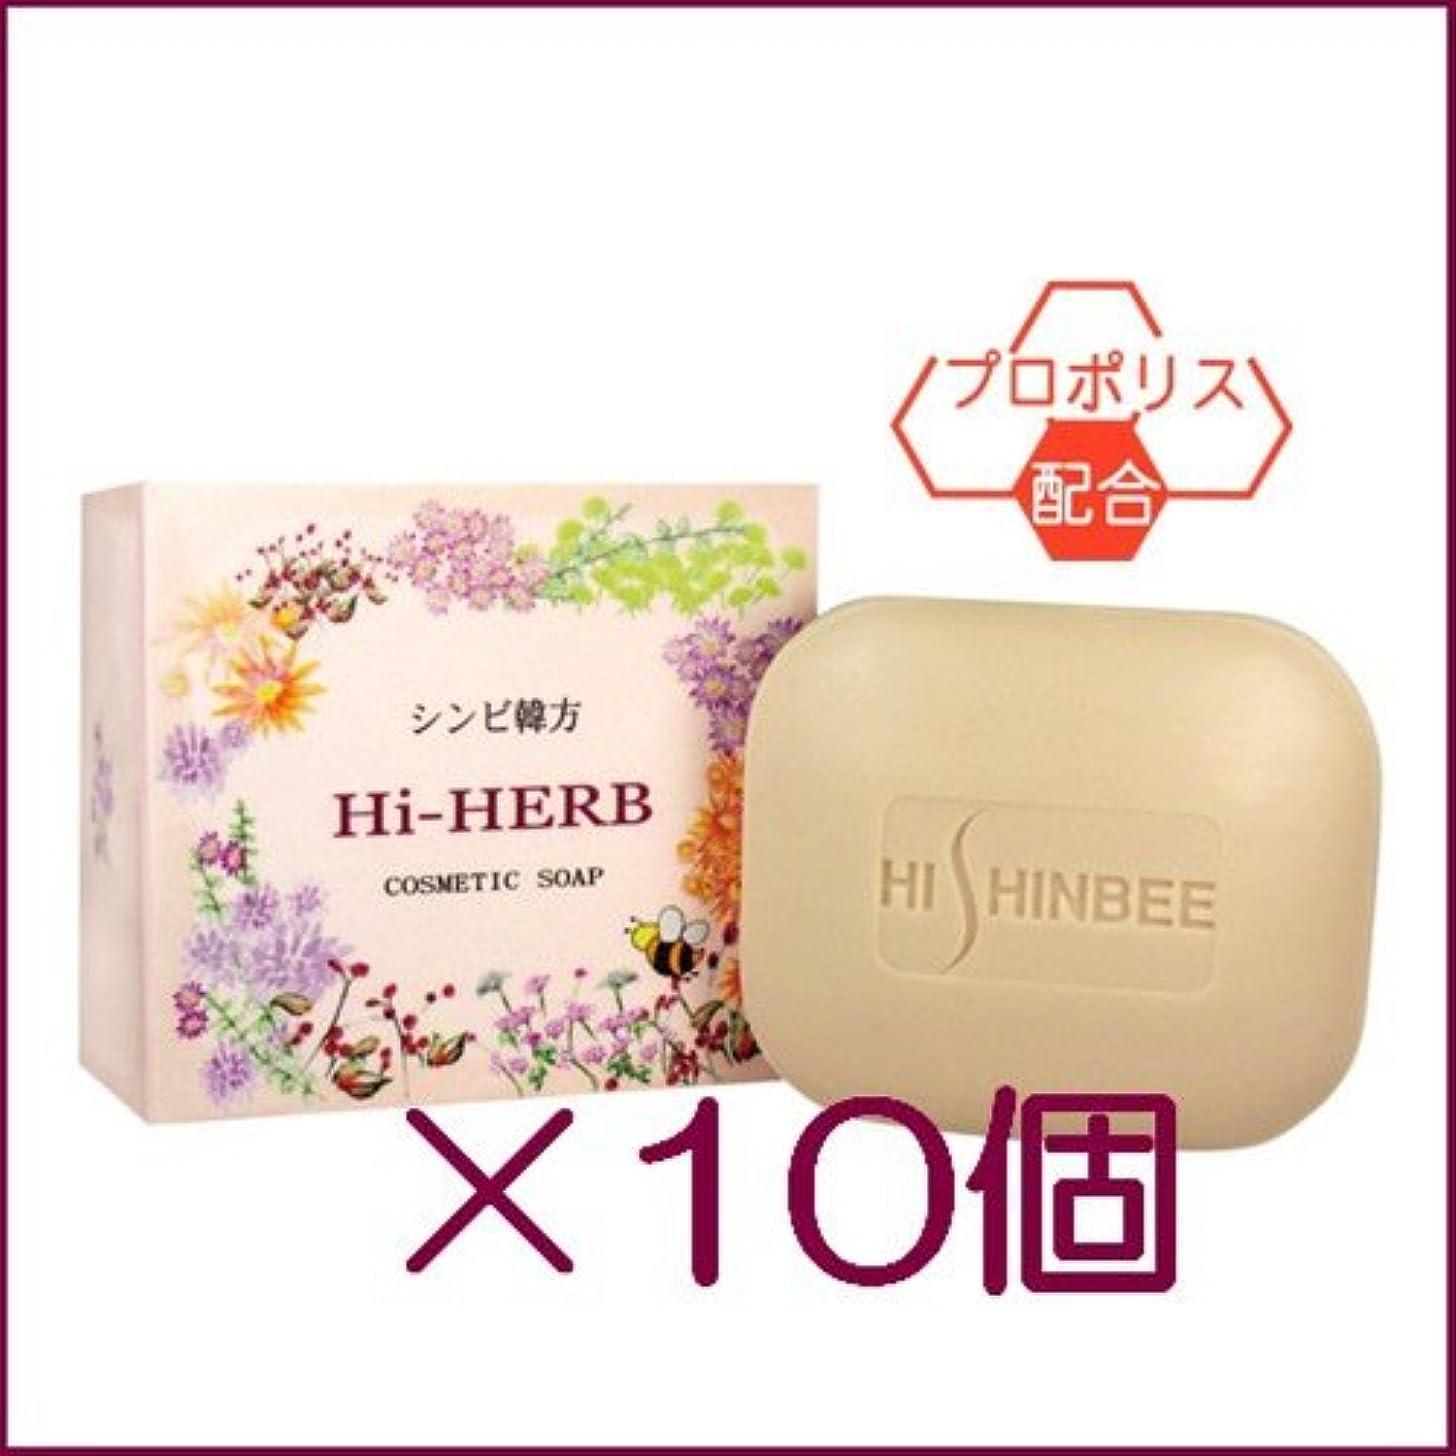 重要性不信カーペットシンビ 韓方ハイハーブ石鹸 100g ×10個